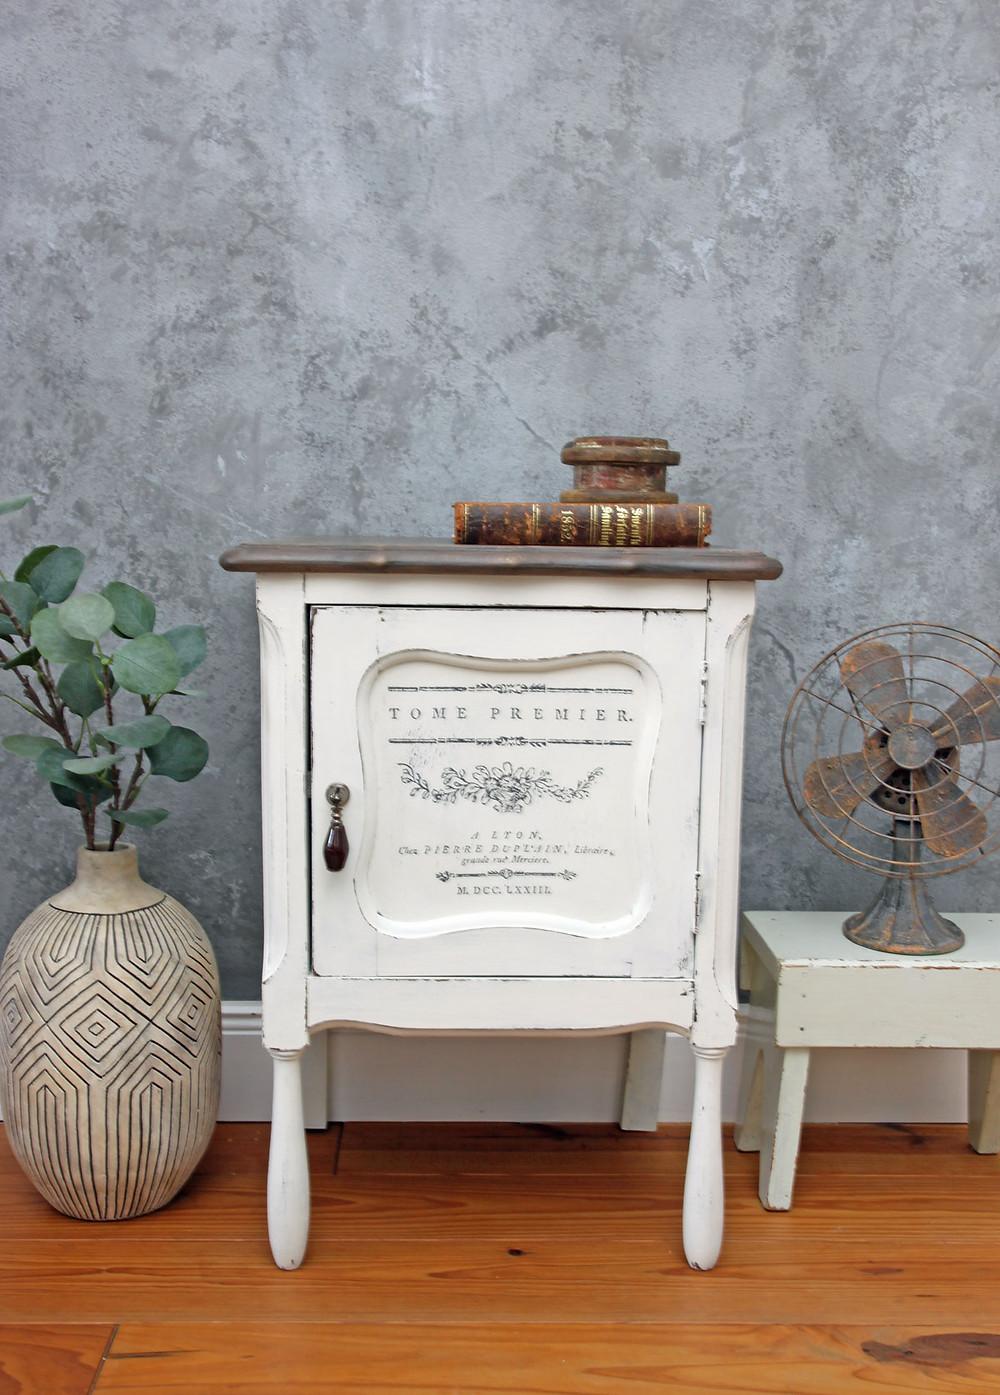 Möbel streichen mit Milk Paint von Miss Mustard Seeds